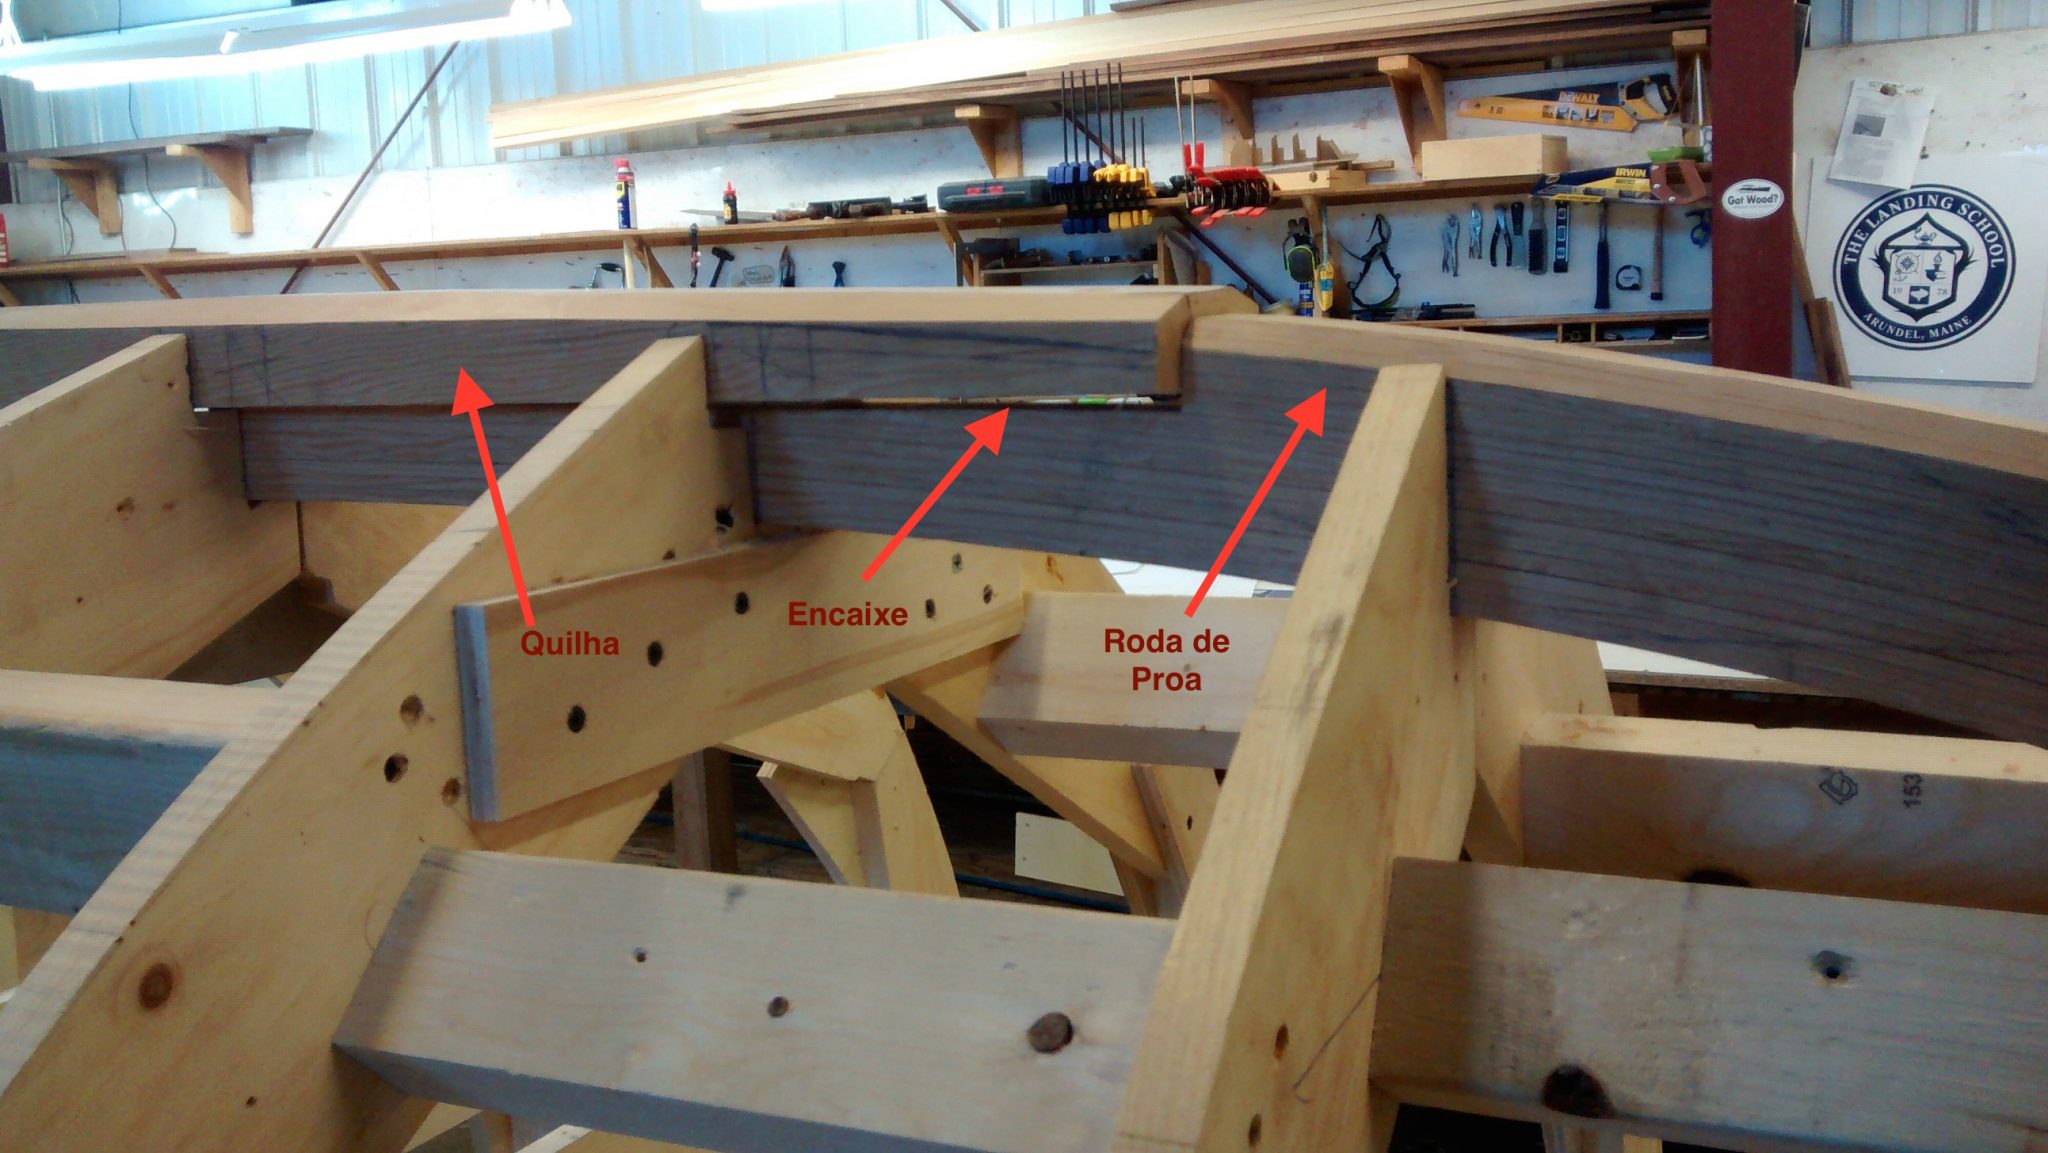 Detalhe do encaixe da roda de proa na quilha (Fonte: Cassio Neres).